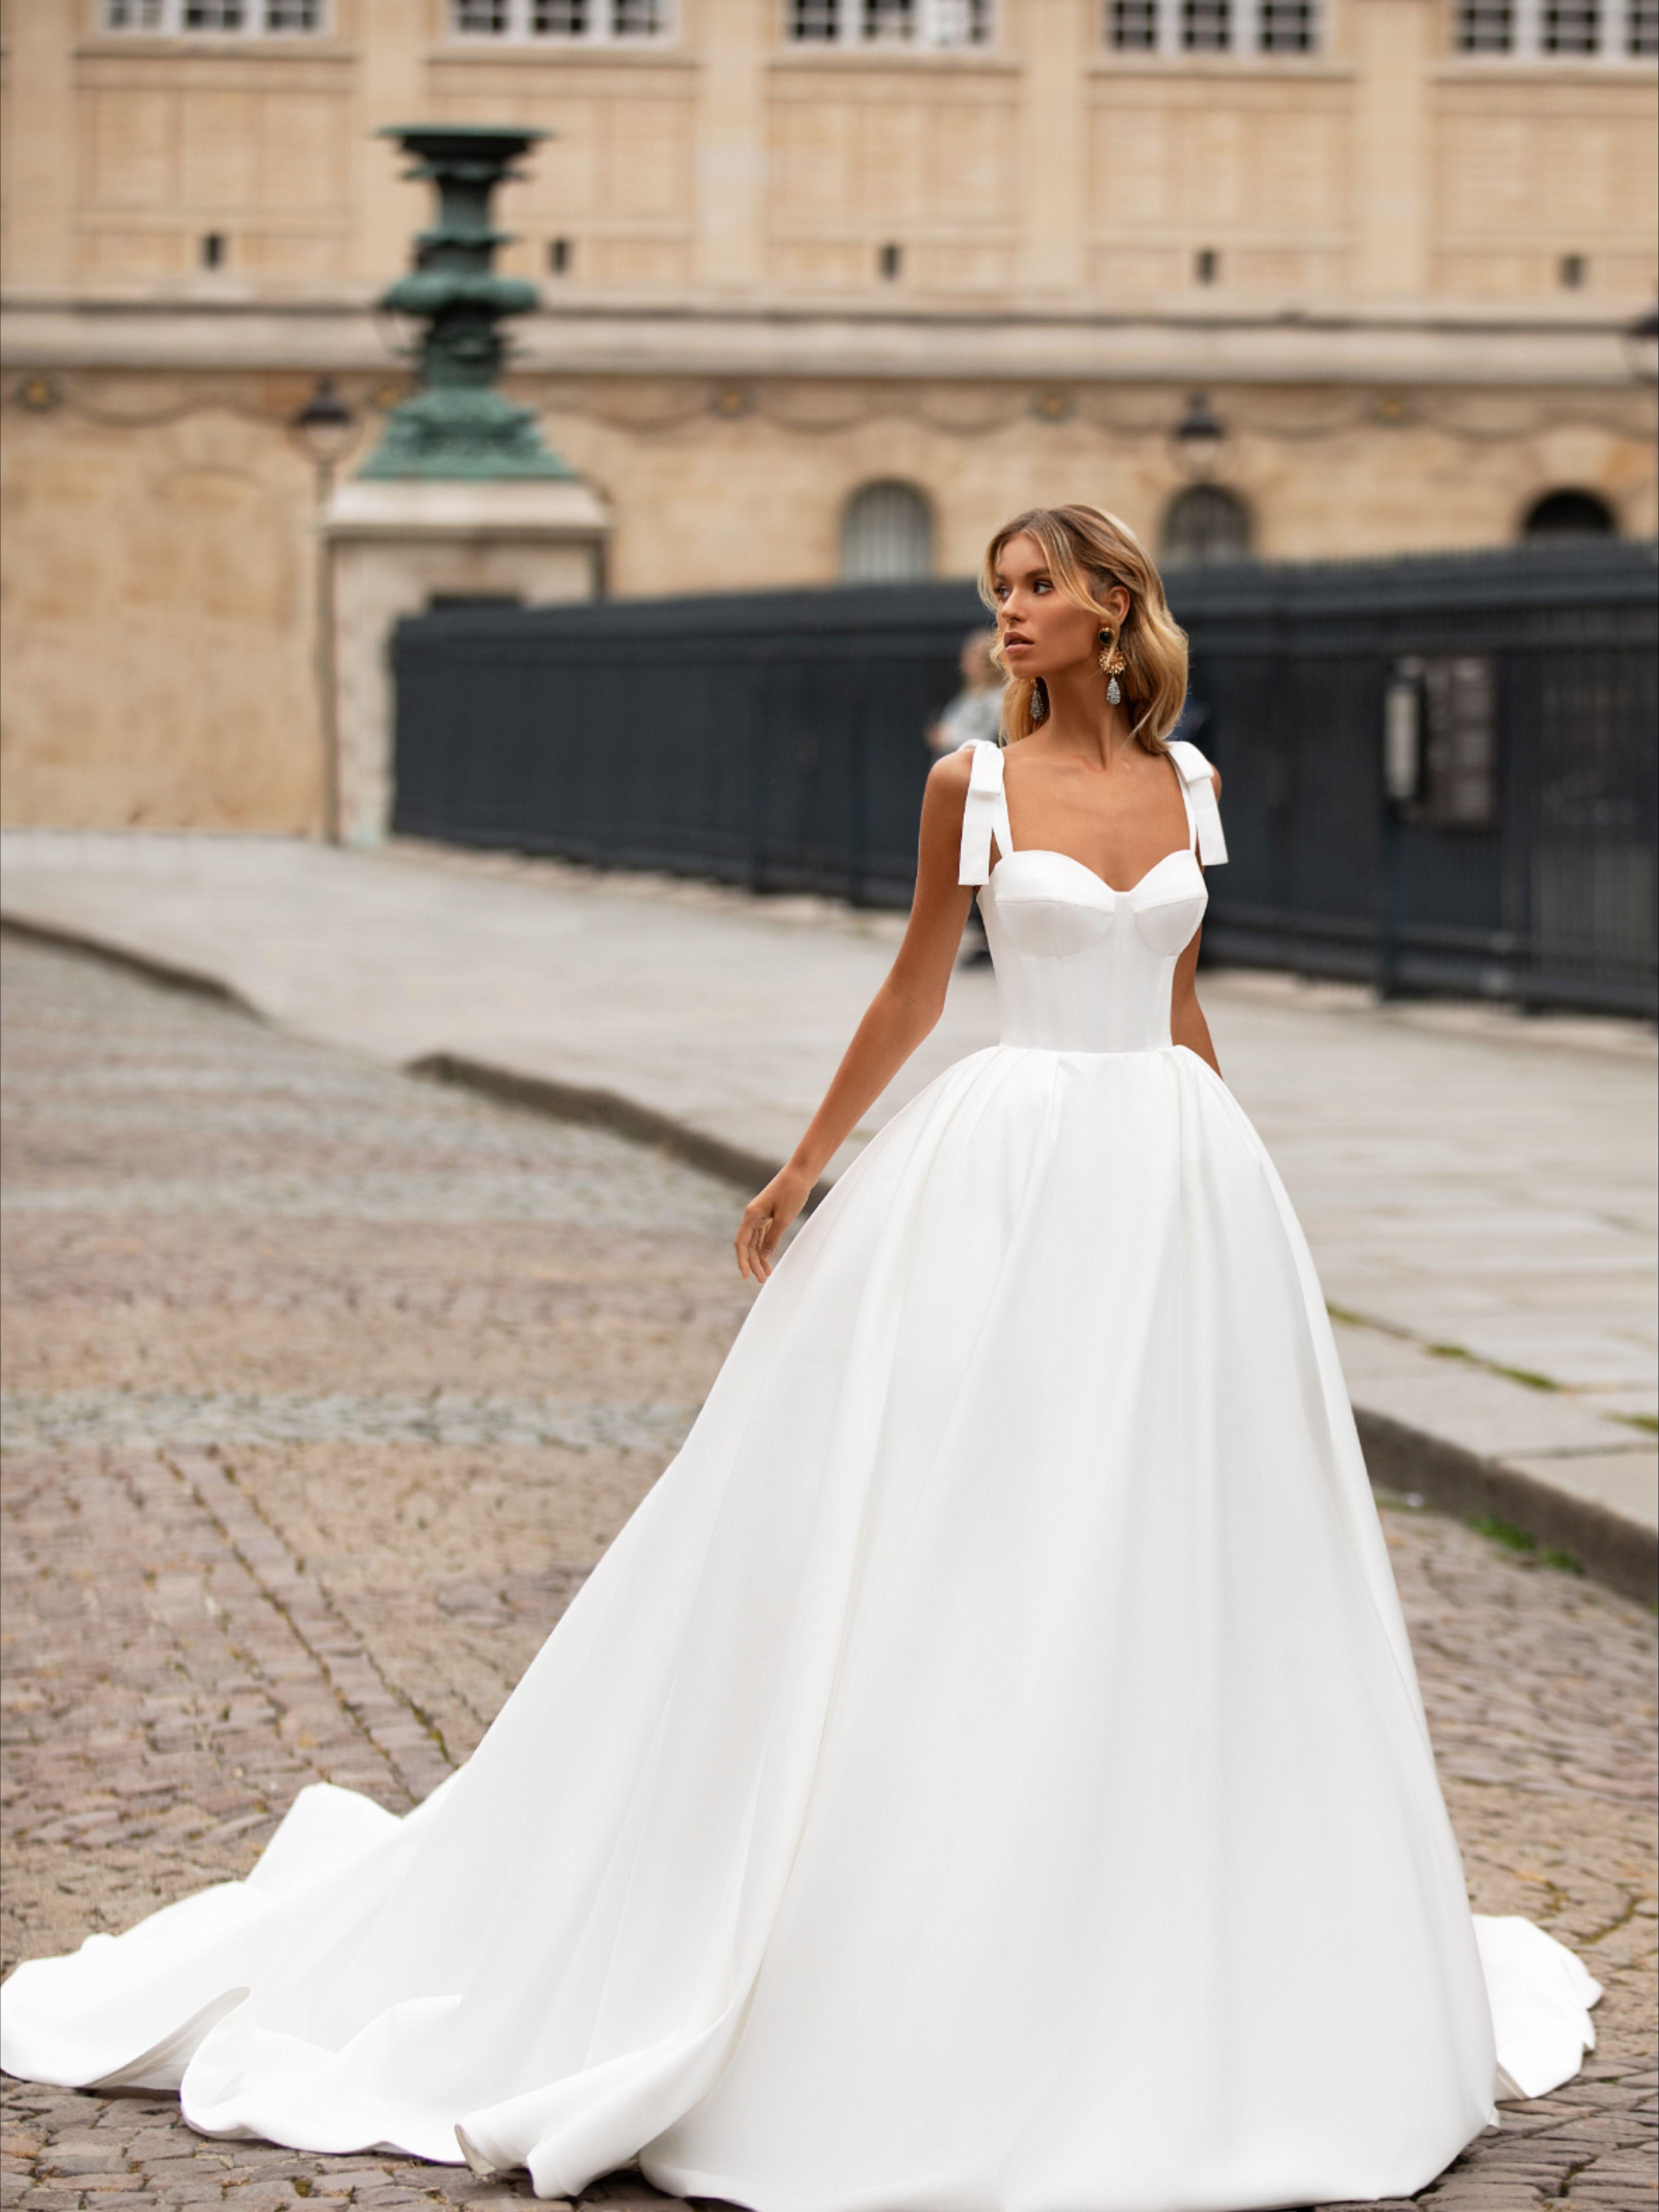 Blisse Wedding Dress From Milla Nova In 2020 Ball Gowns Wedding Wedding Dresses Satin Milla Nova Wedding Dresses